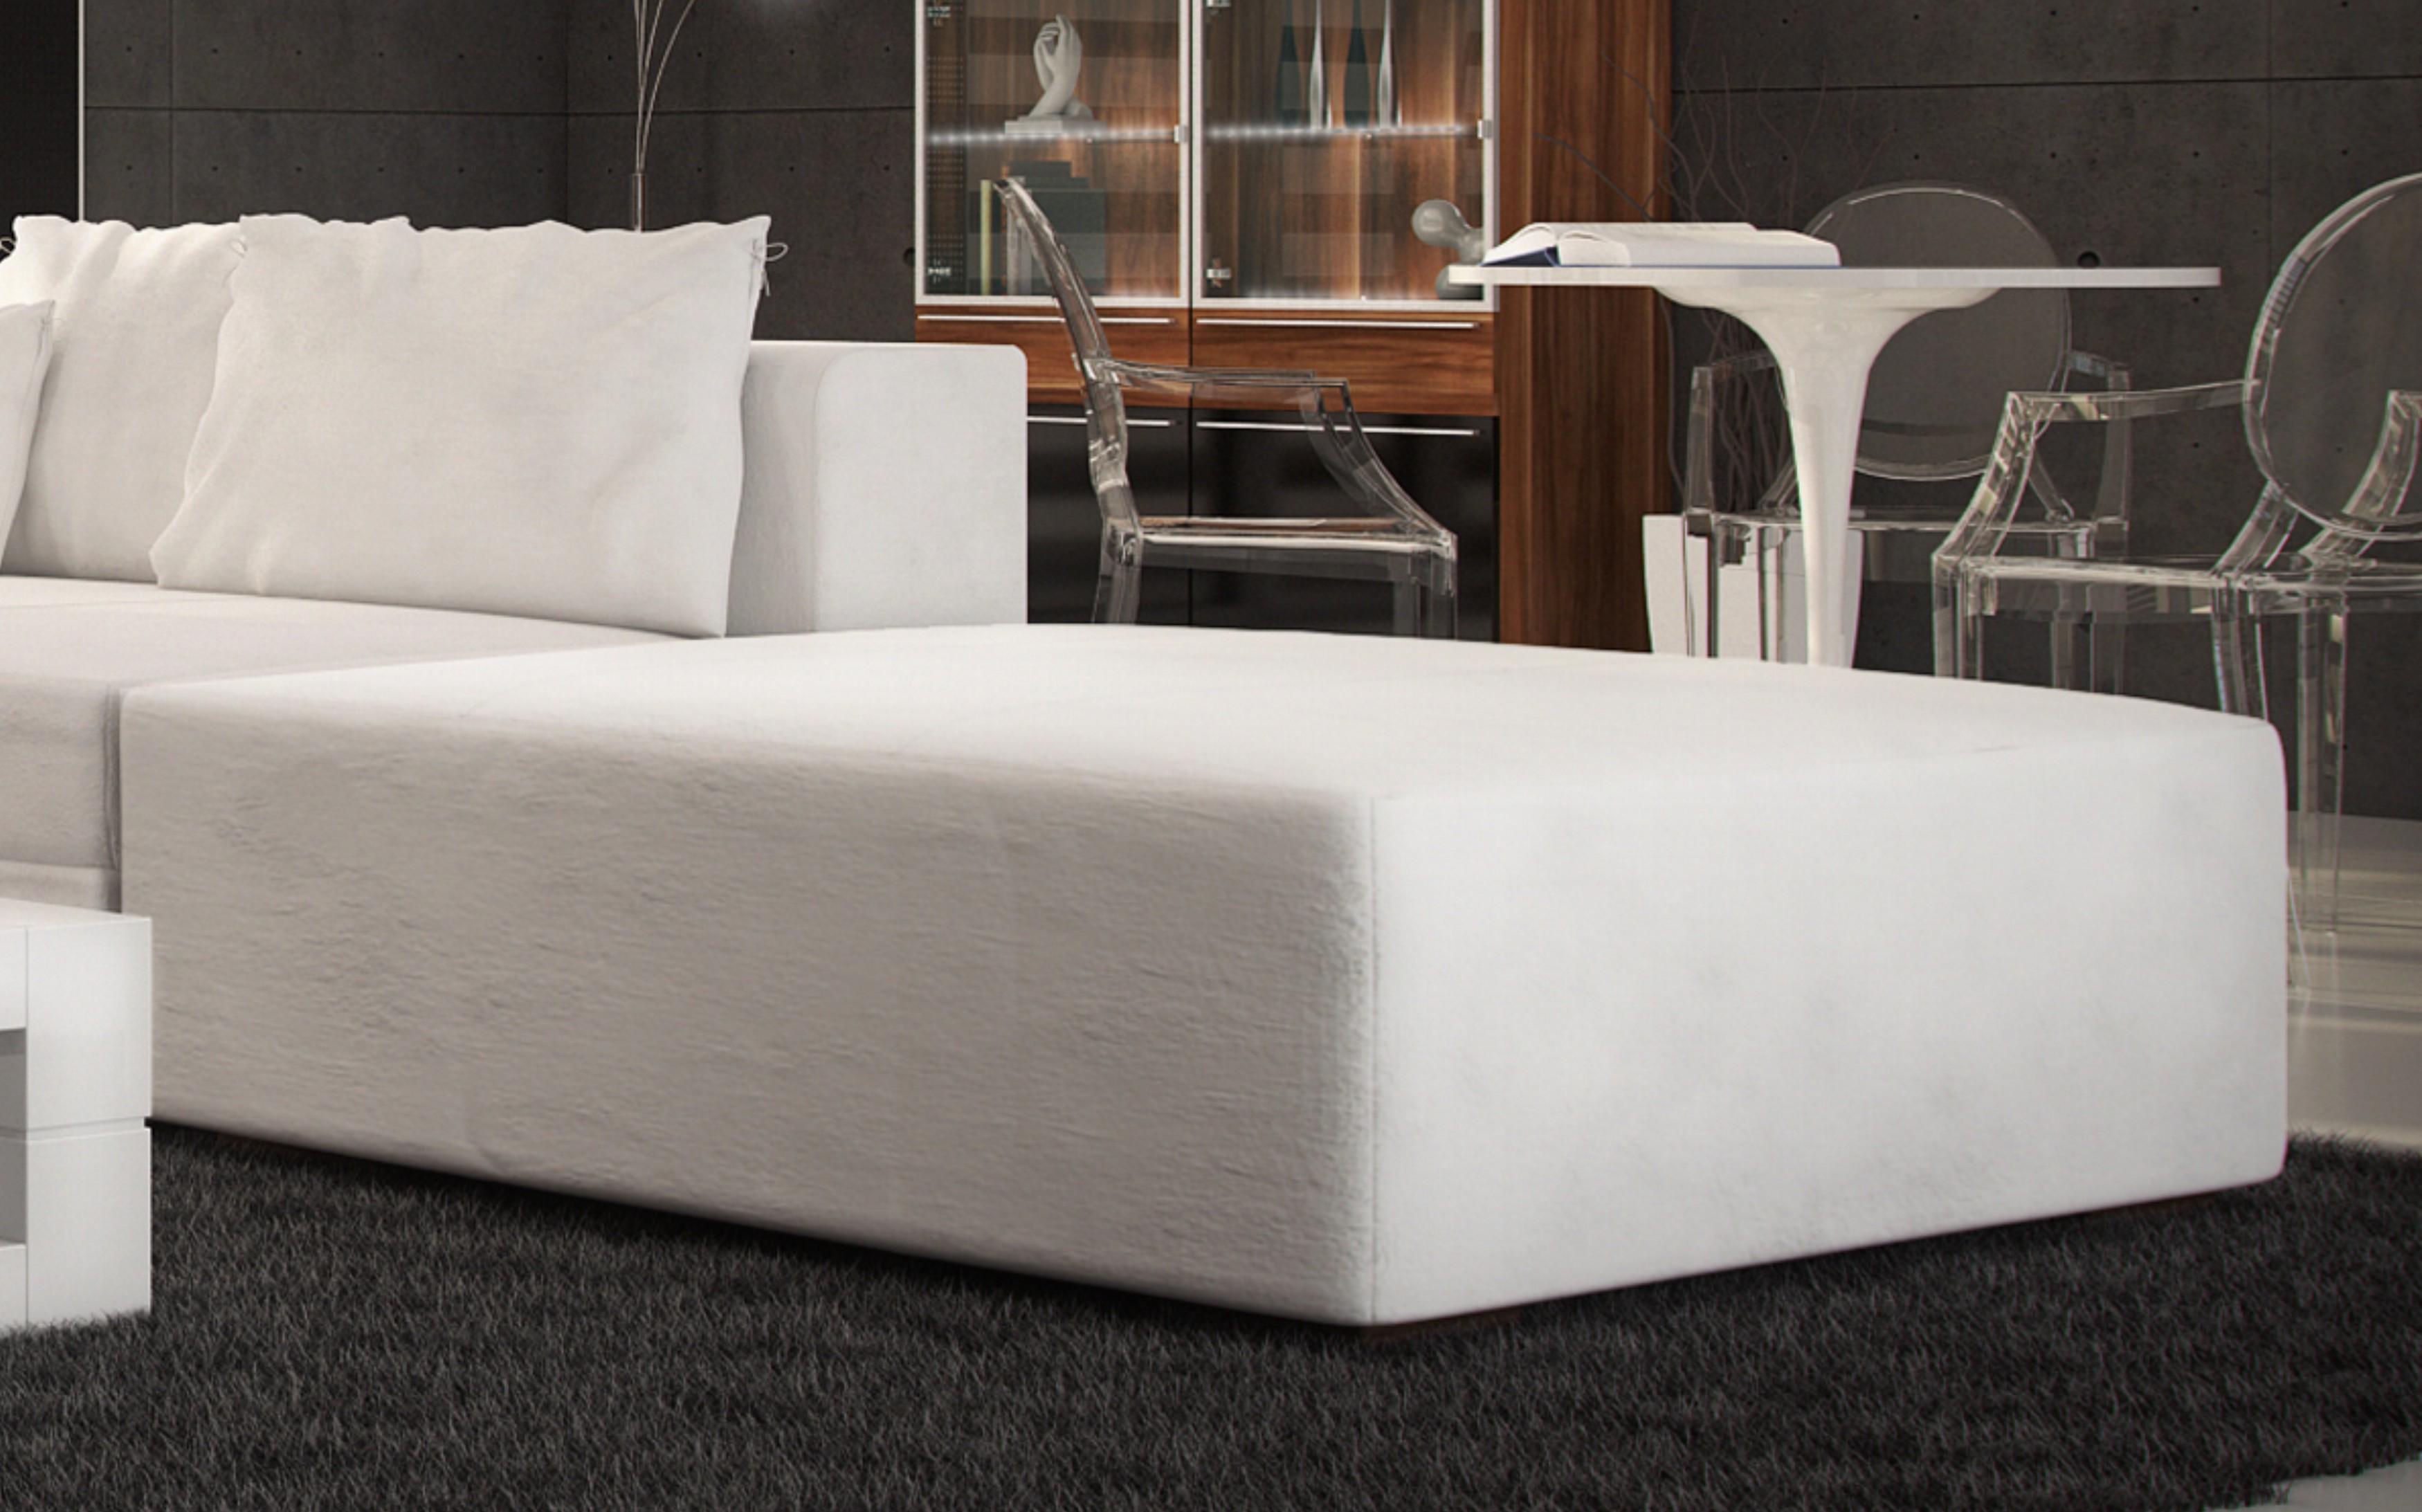 Sam wohnzimmer hocker passend zur couch amare wei for Couch 0 finanzierung